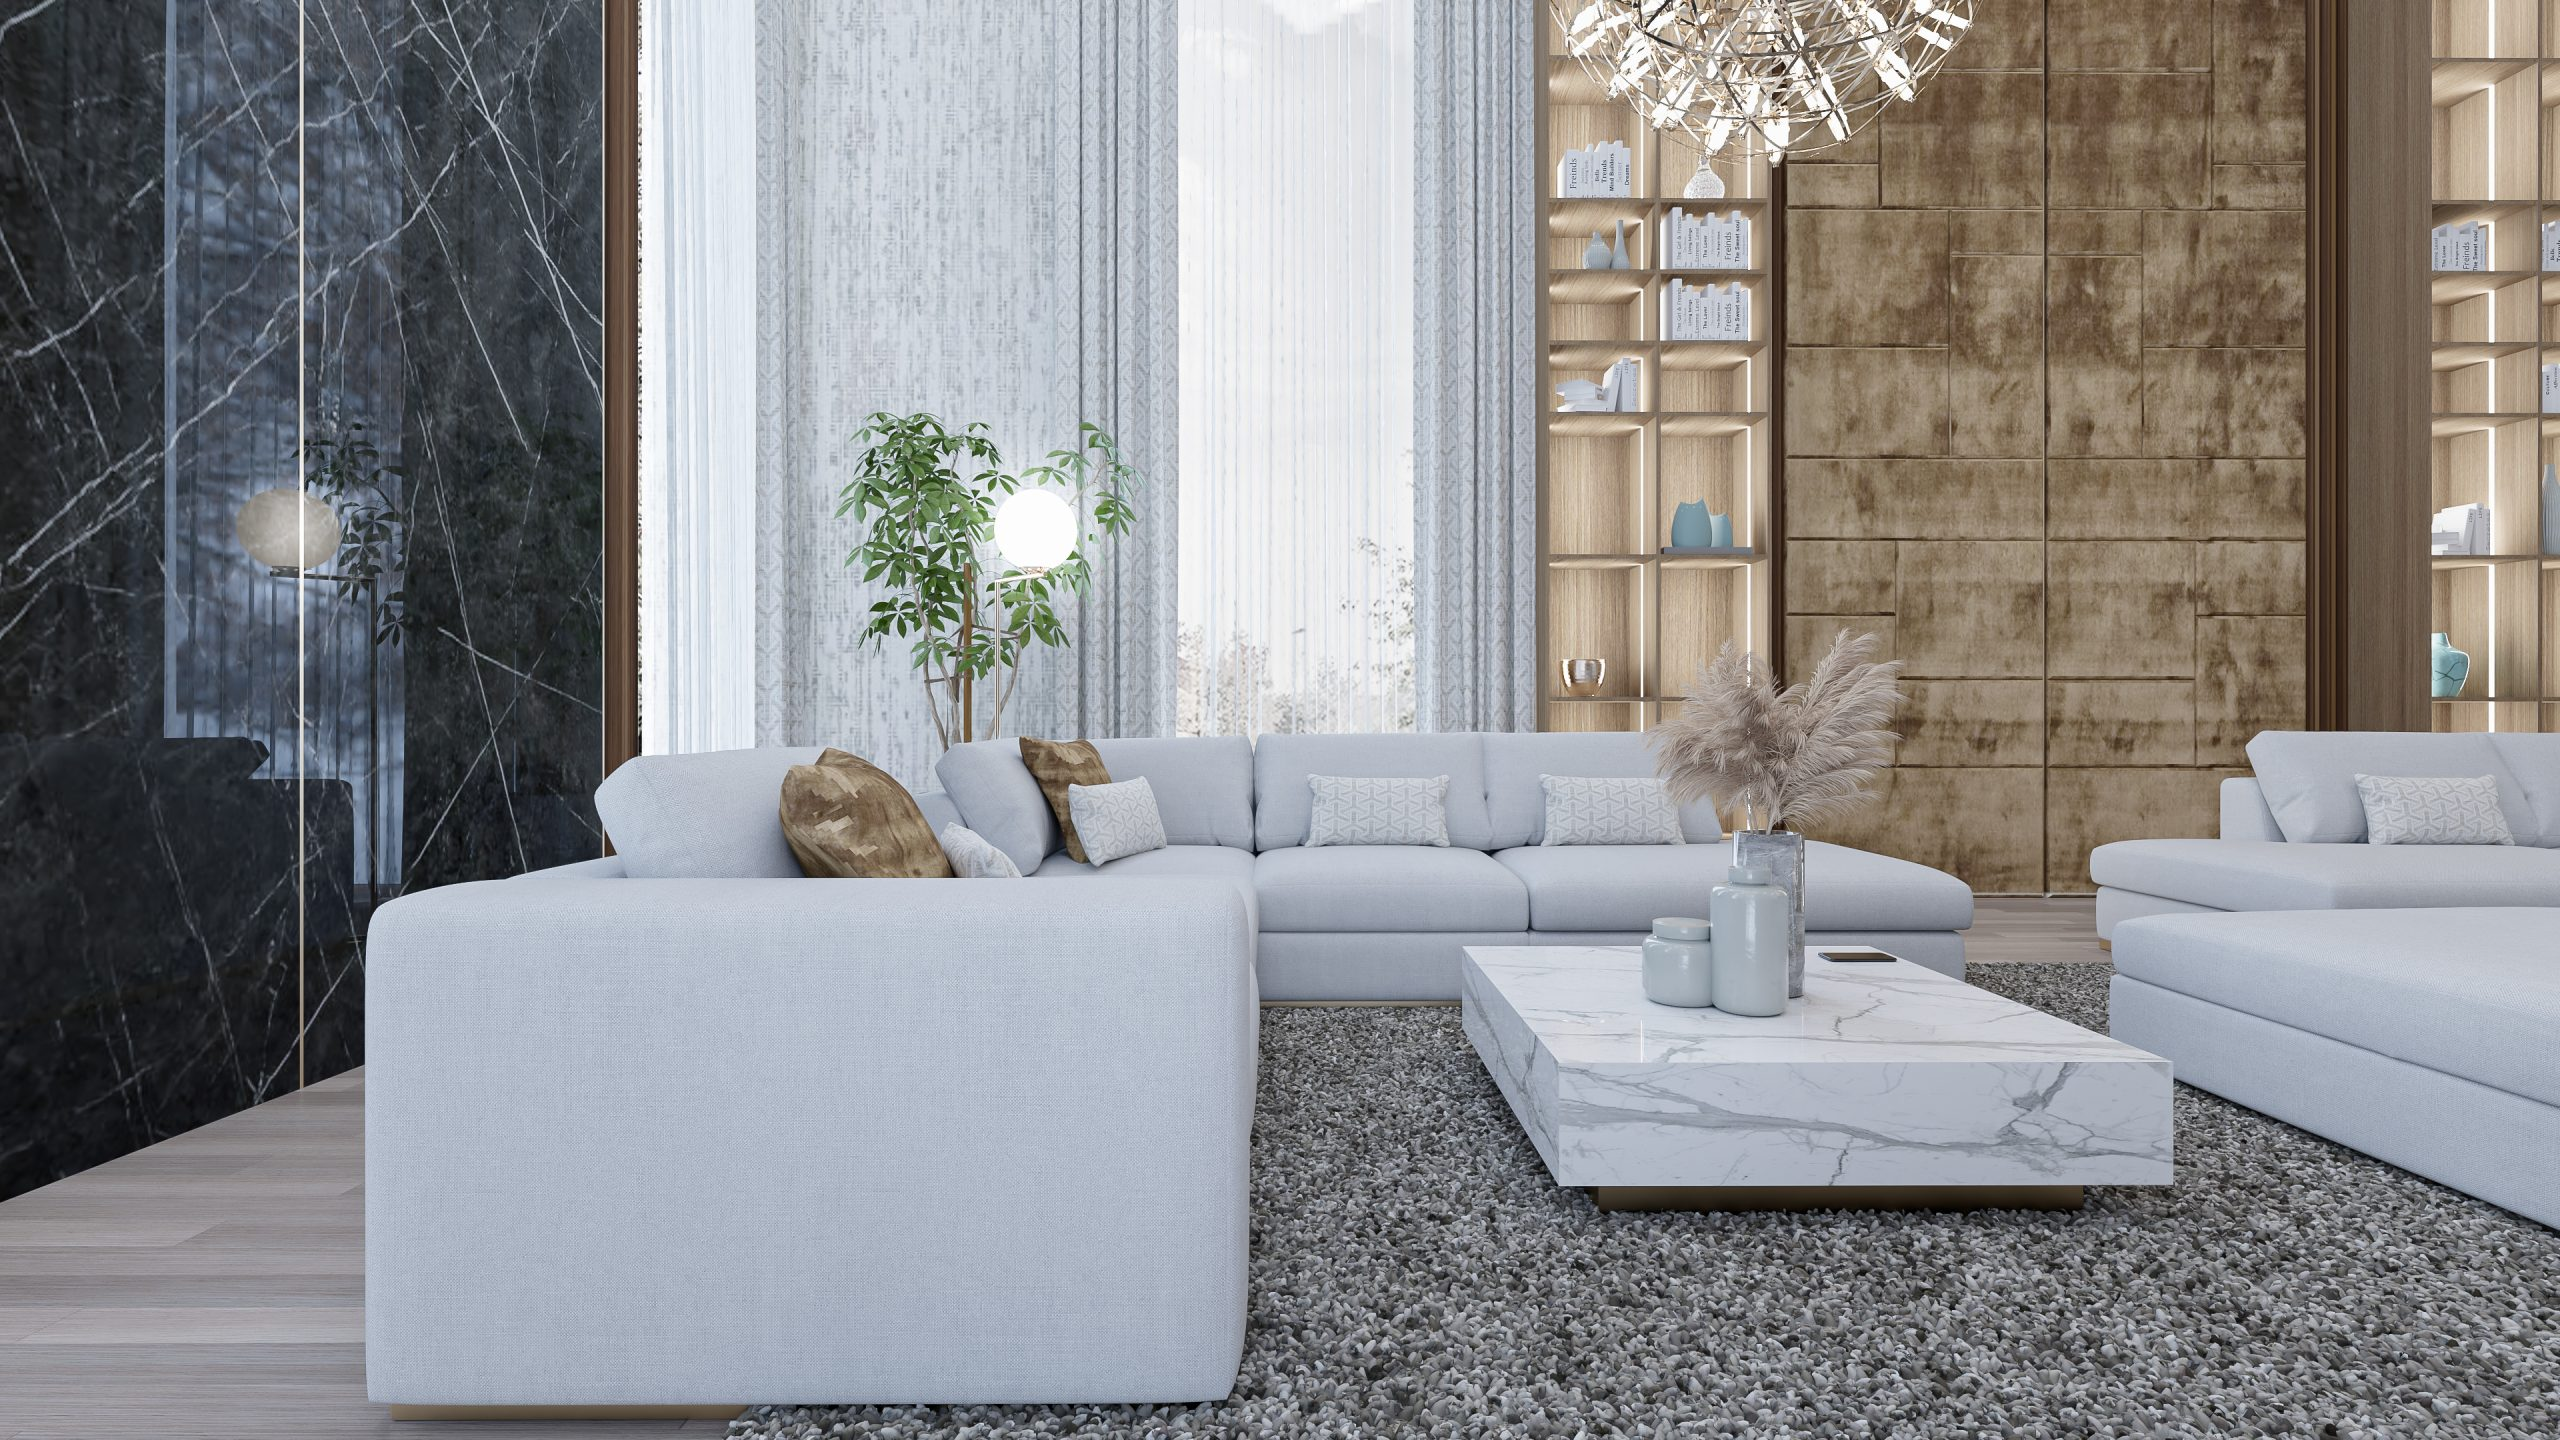 navrh dizajn realizacia interier na mieru obyvacia izba luxusna mramor cierny pohlad sedacku